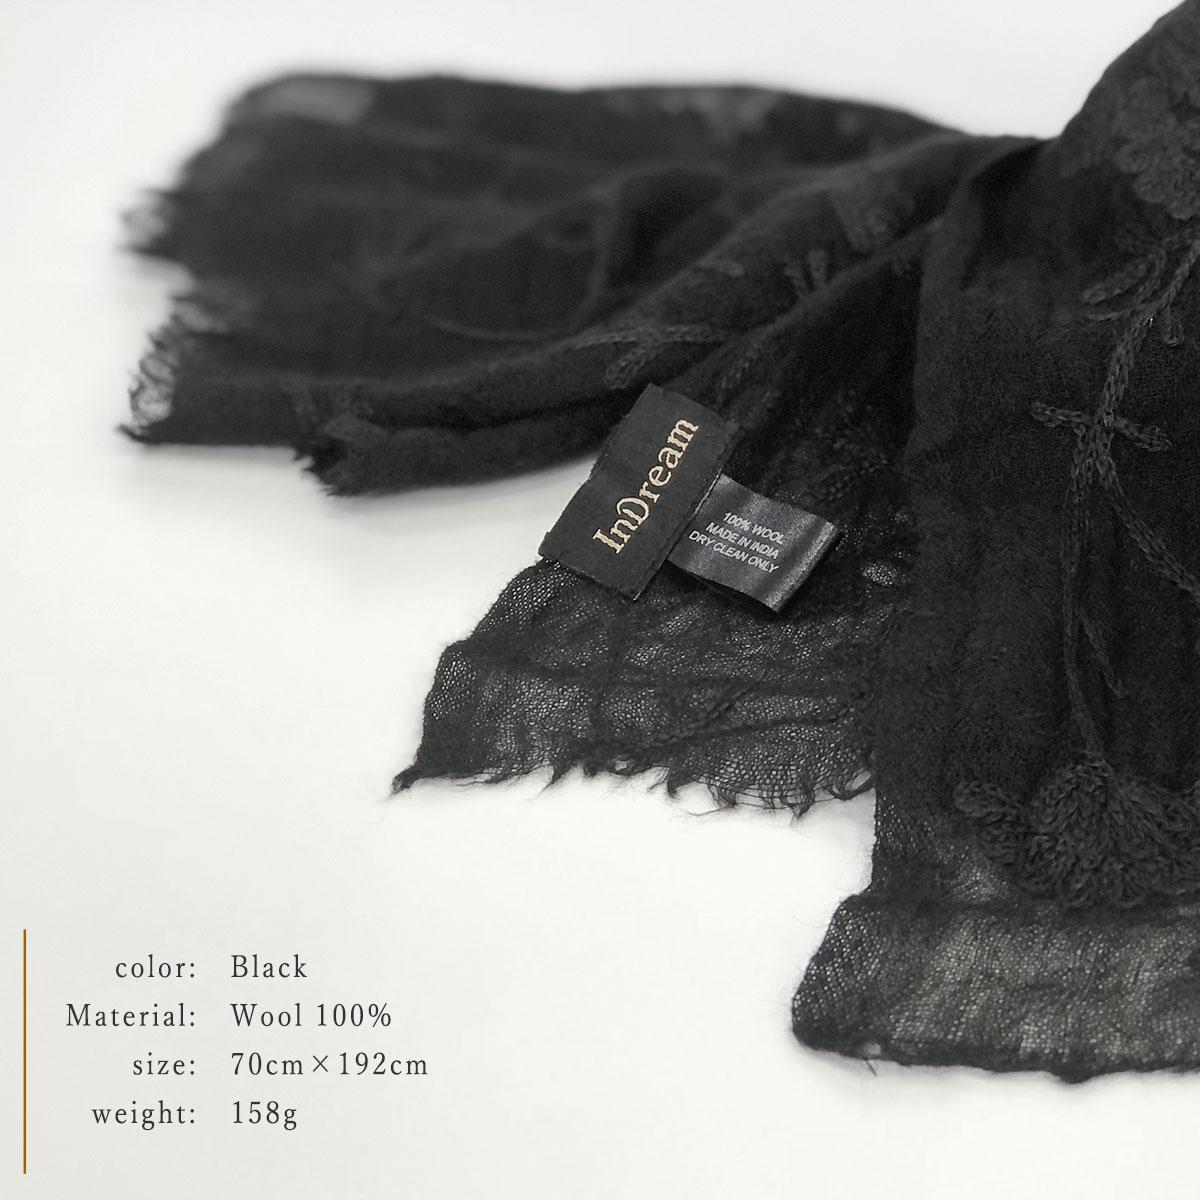 ストール ウール 刺繍 ブラック(黒)花柄 結婚式 パーティー 誕生日 プレゼント